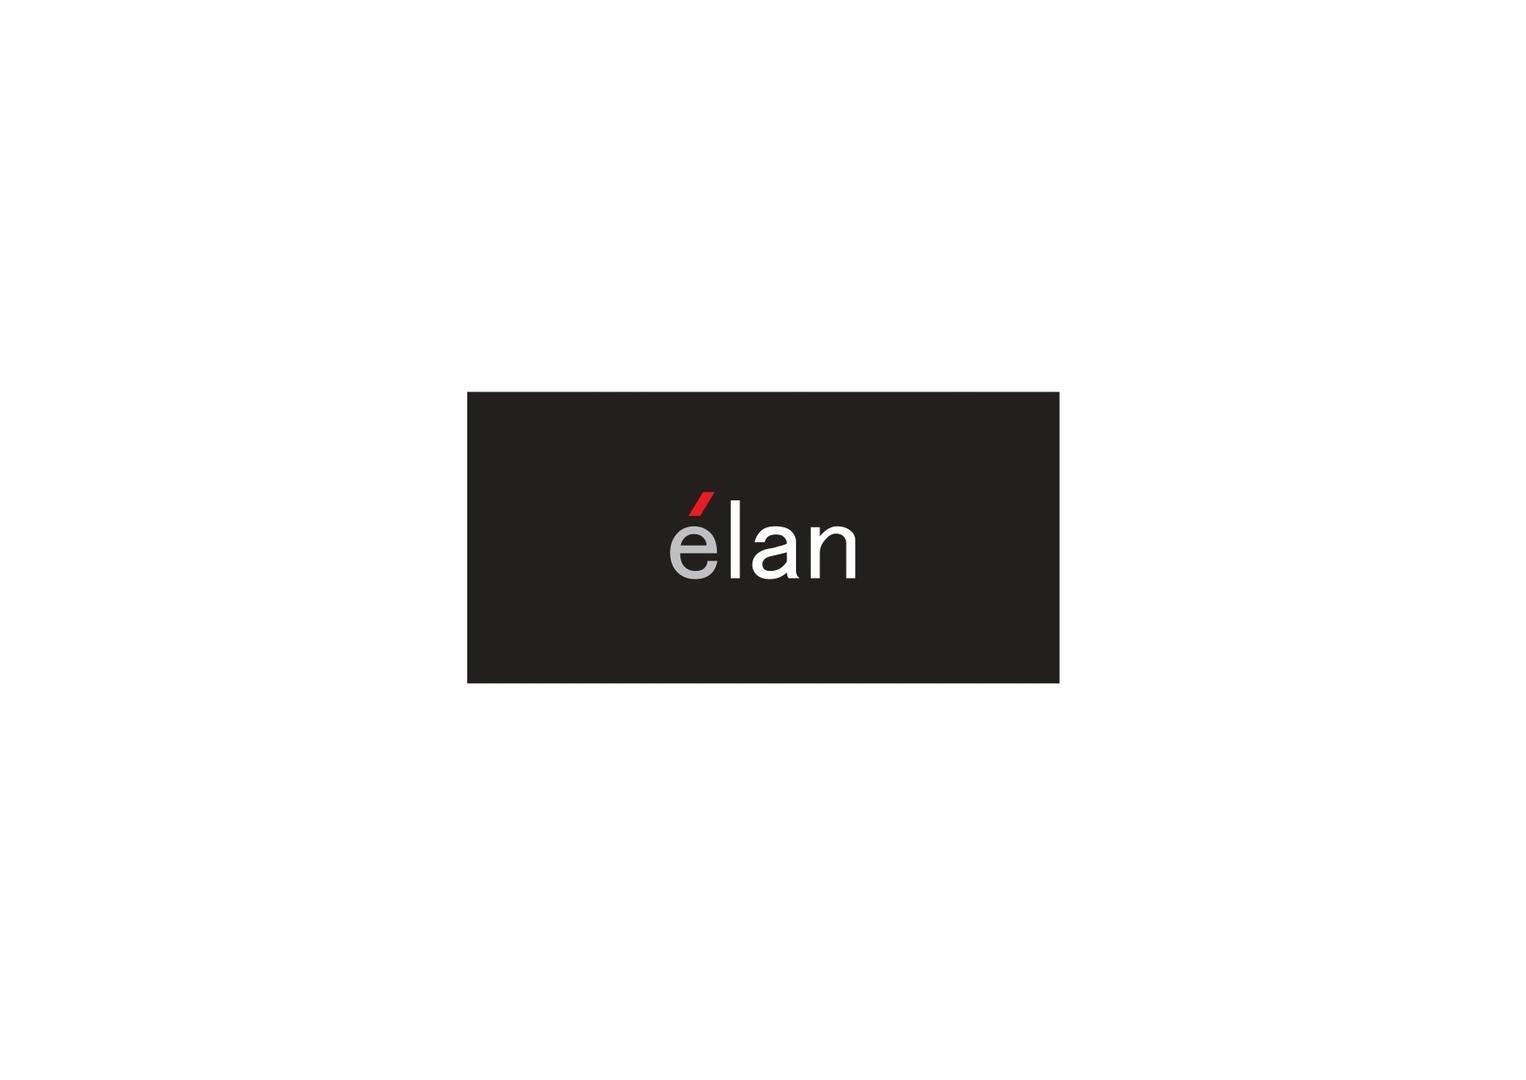 ELJ313706/OEM・ODMデザイナー/レディースカジュアルブランドのカバー写真